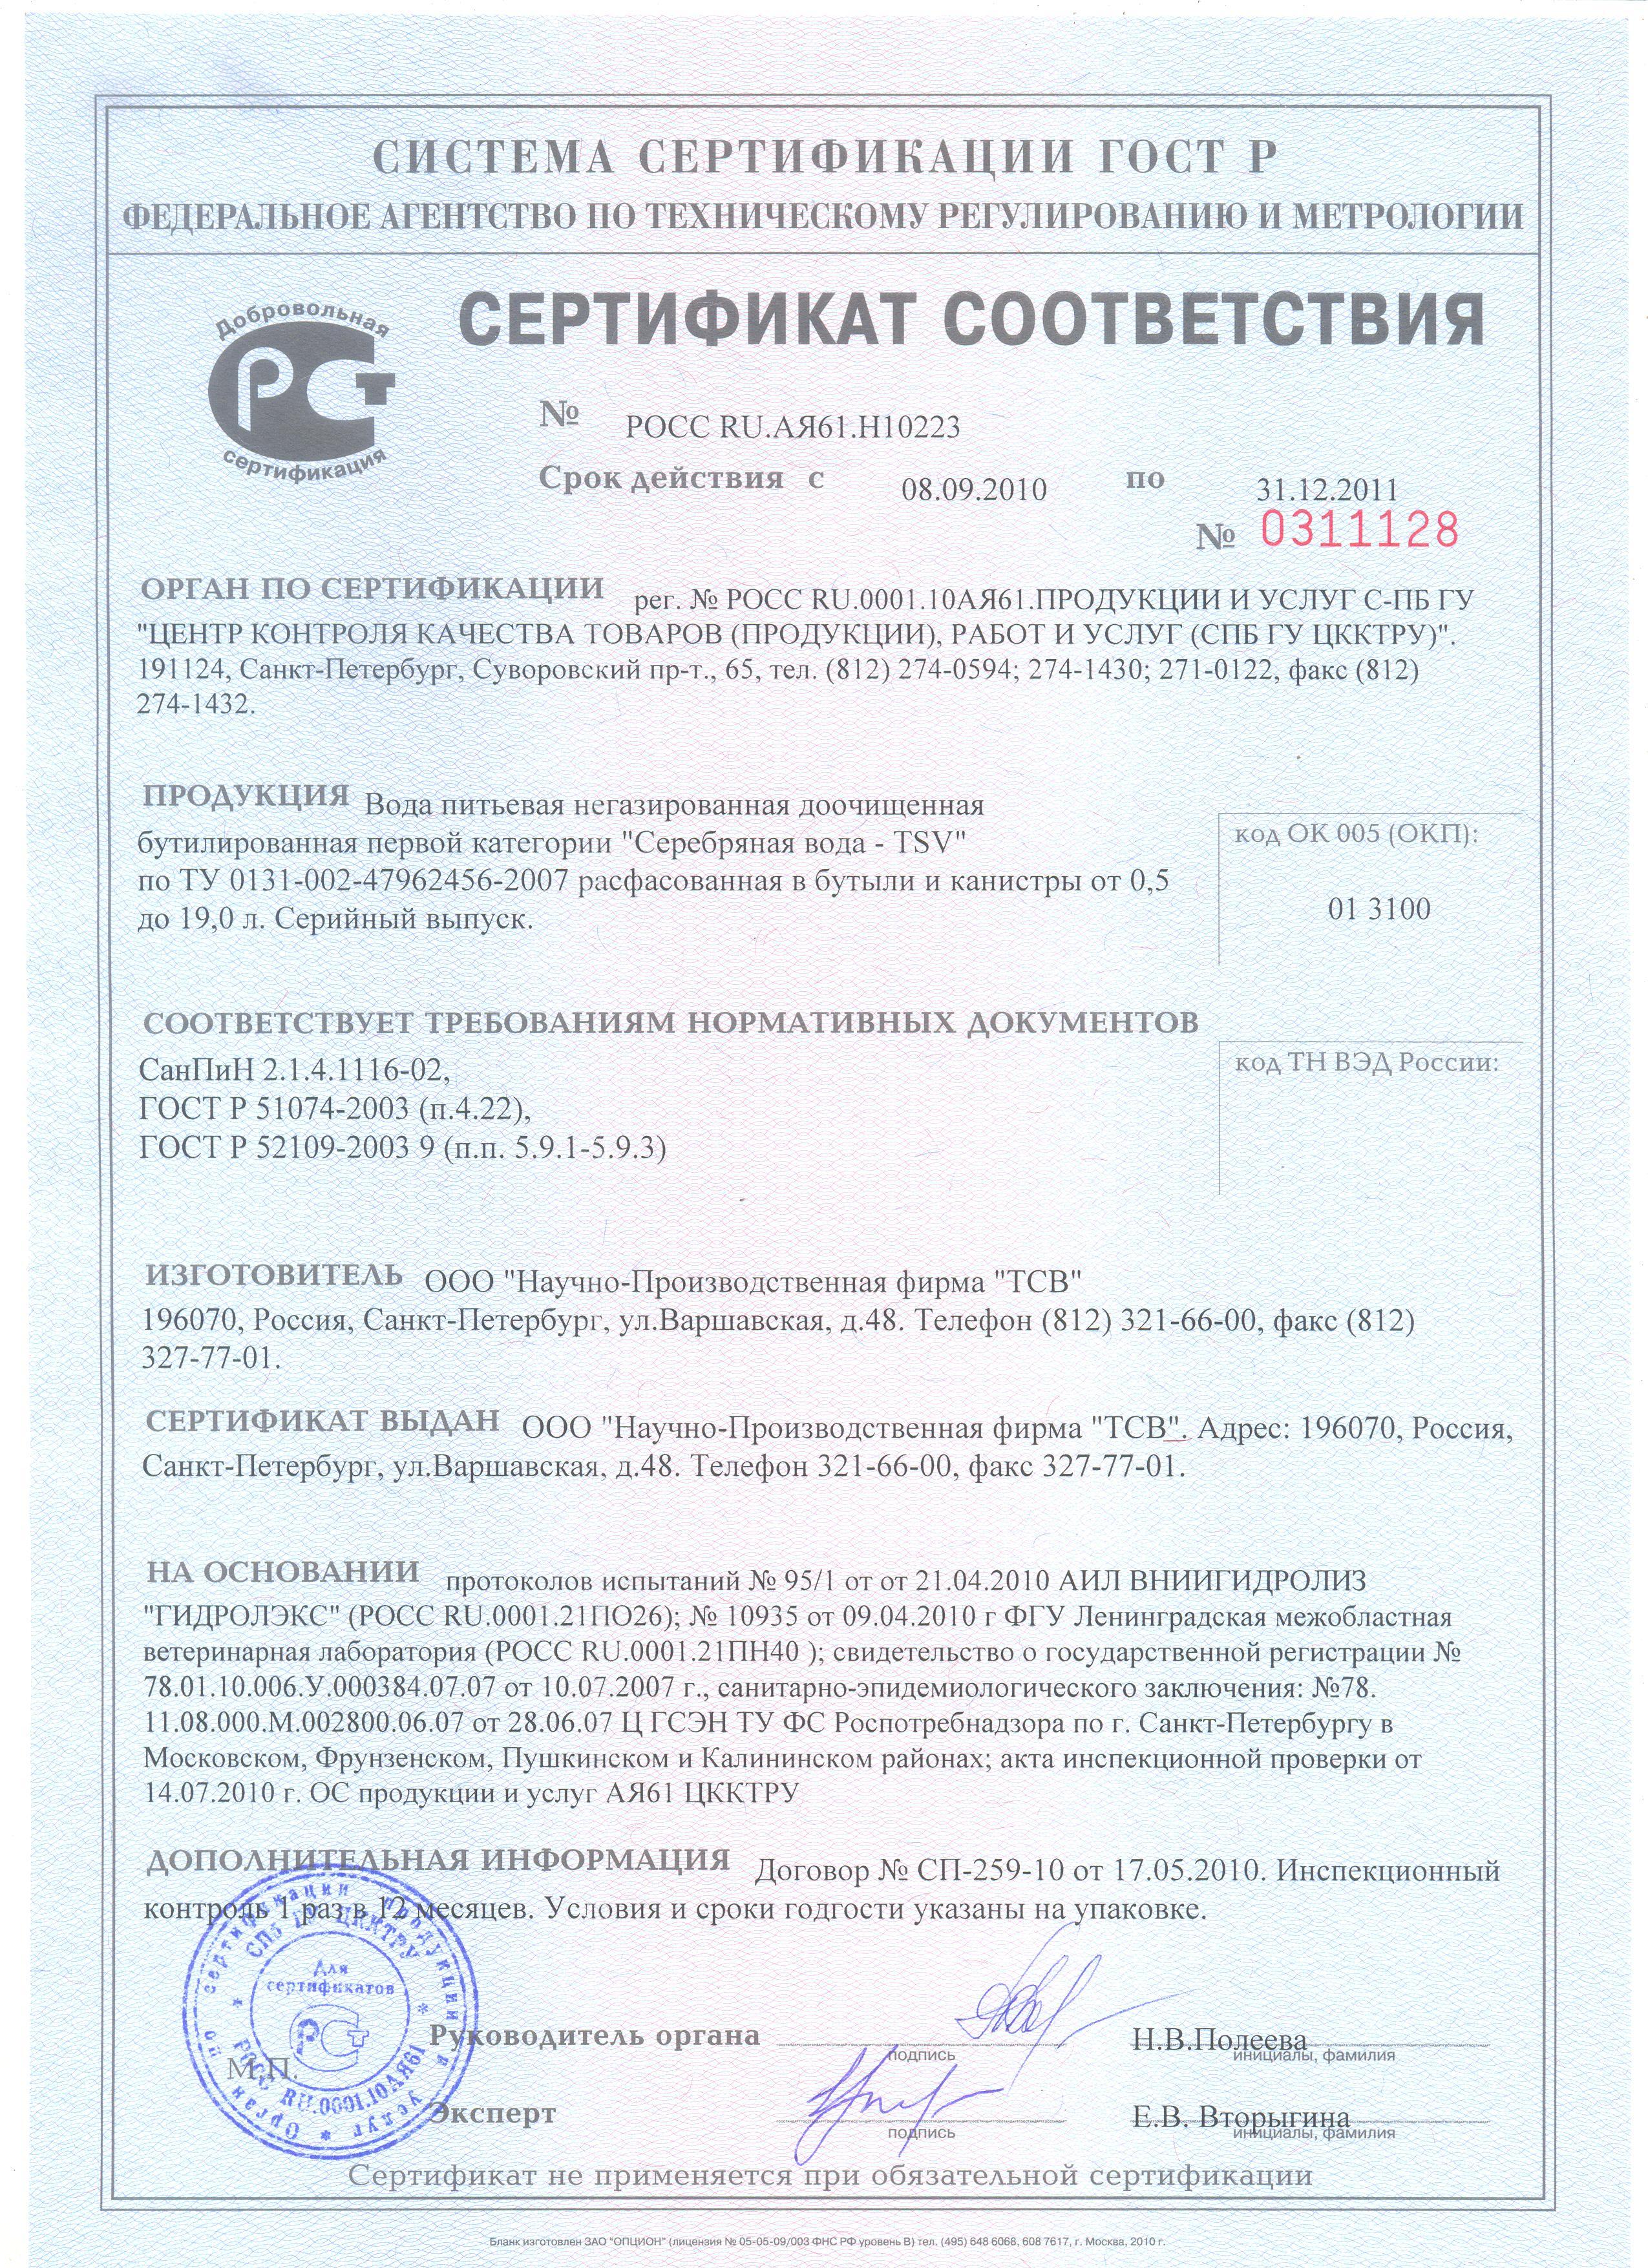 Кухни на заказ недорого днепропетровск